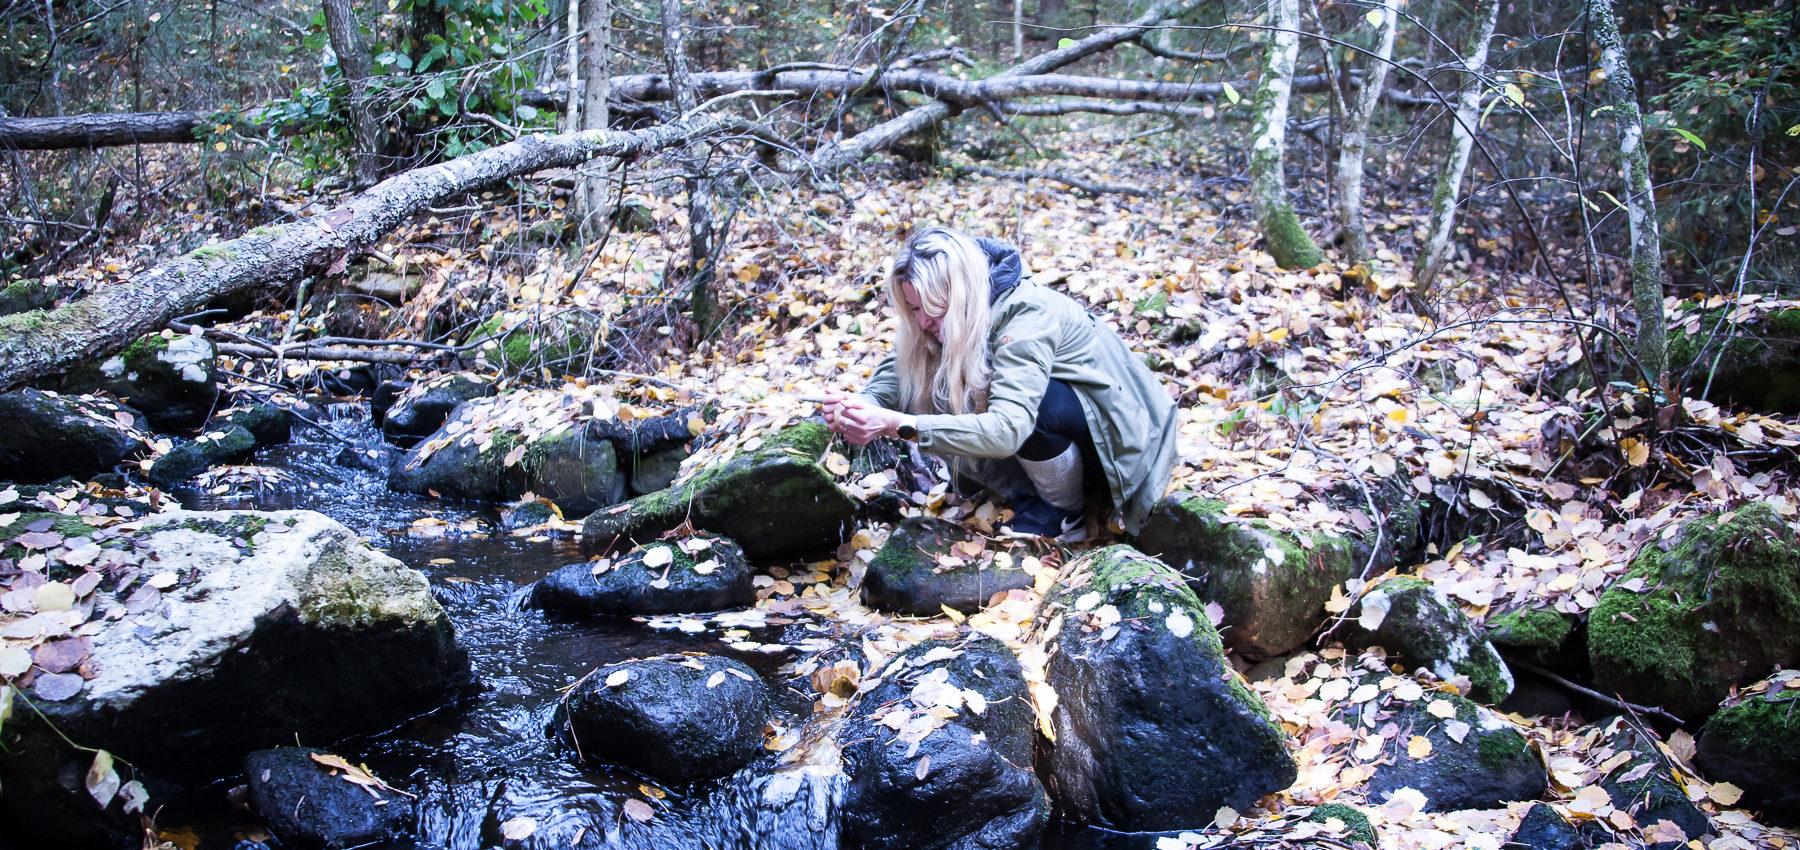 Syksyisessä metsässä virtaa joki. Nainen kurottaa nostamaan vettä käsillään.